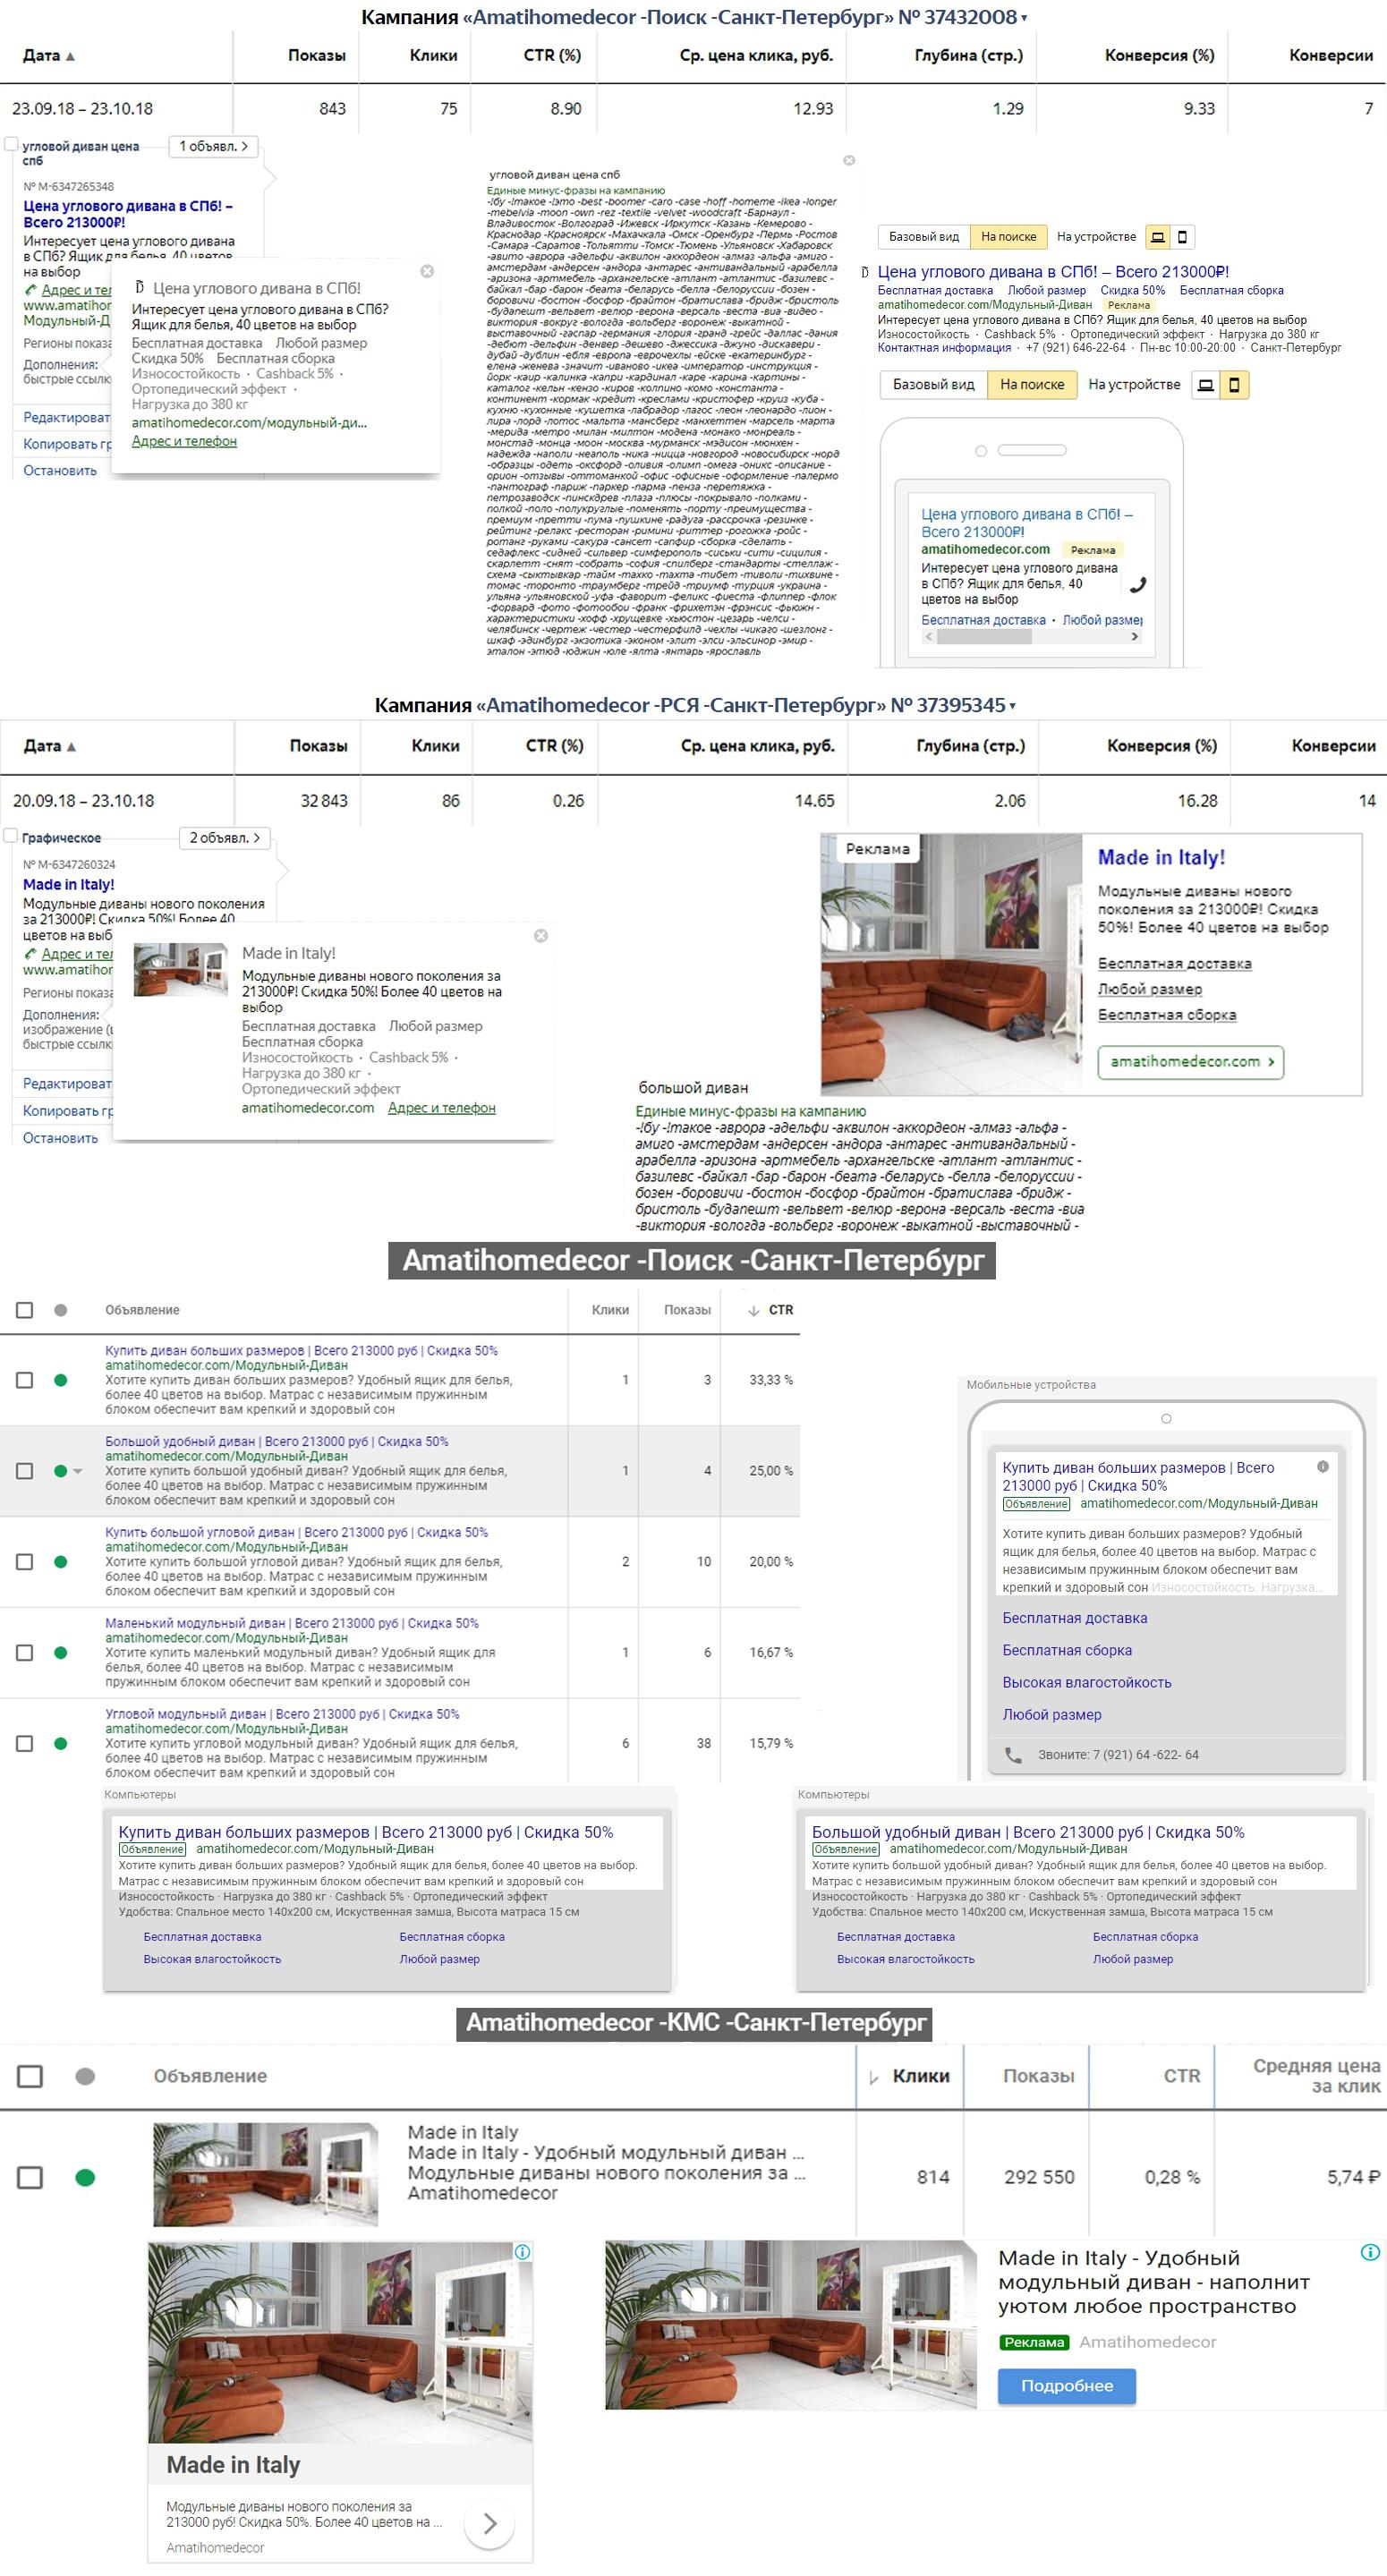 Угловые диваны - Директ + Adwords / CTR до 9 % / Конверсионность до 16%